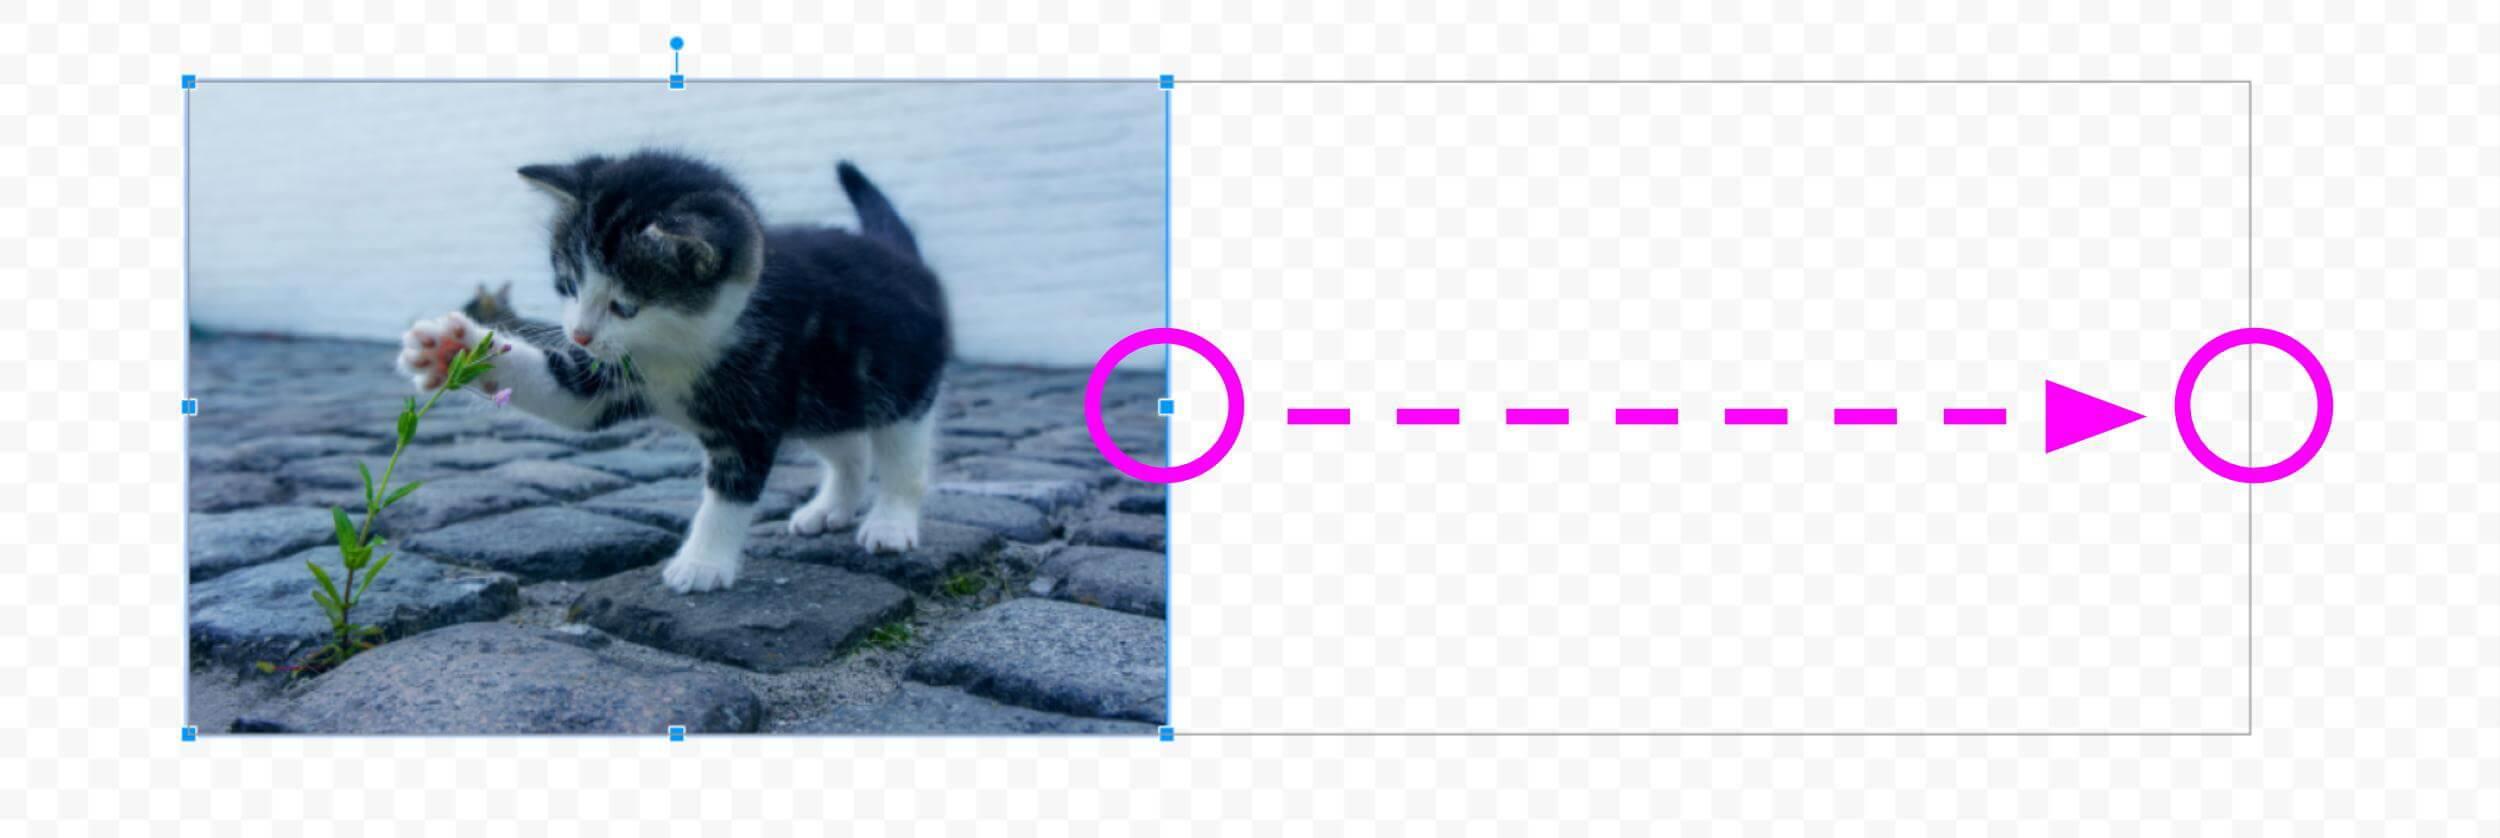 画像のサイズ変更 縦横比